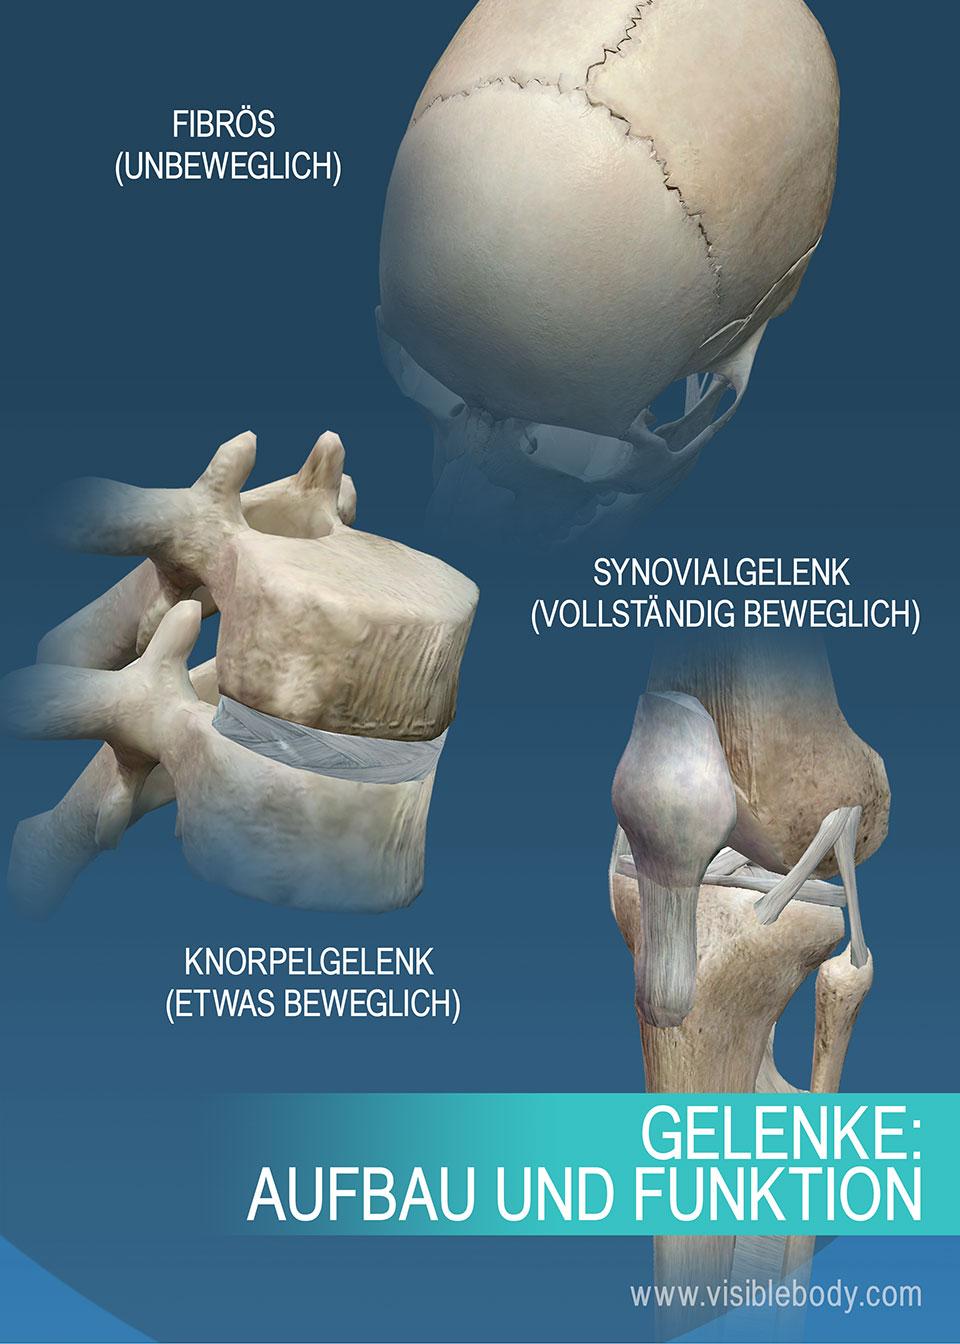 Gelenke werden nach ihrer Bewegungsform oder ihrem Aufbau benannt